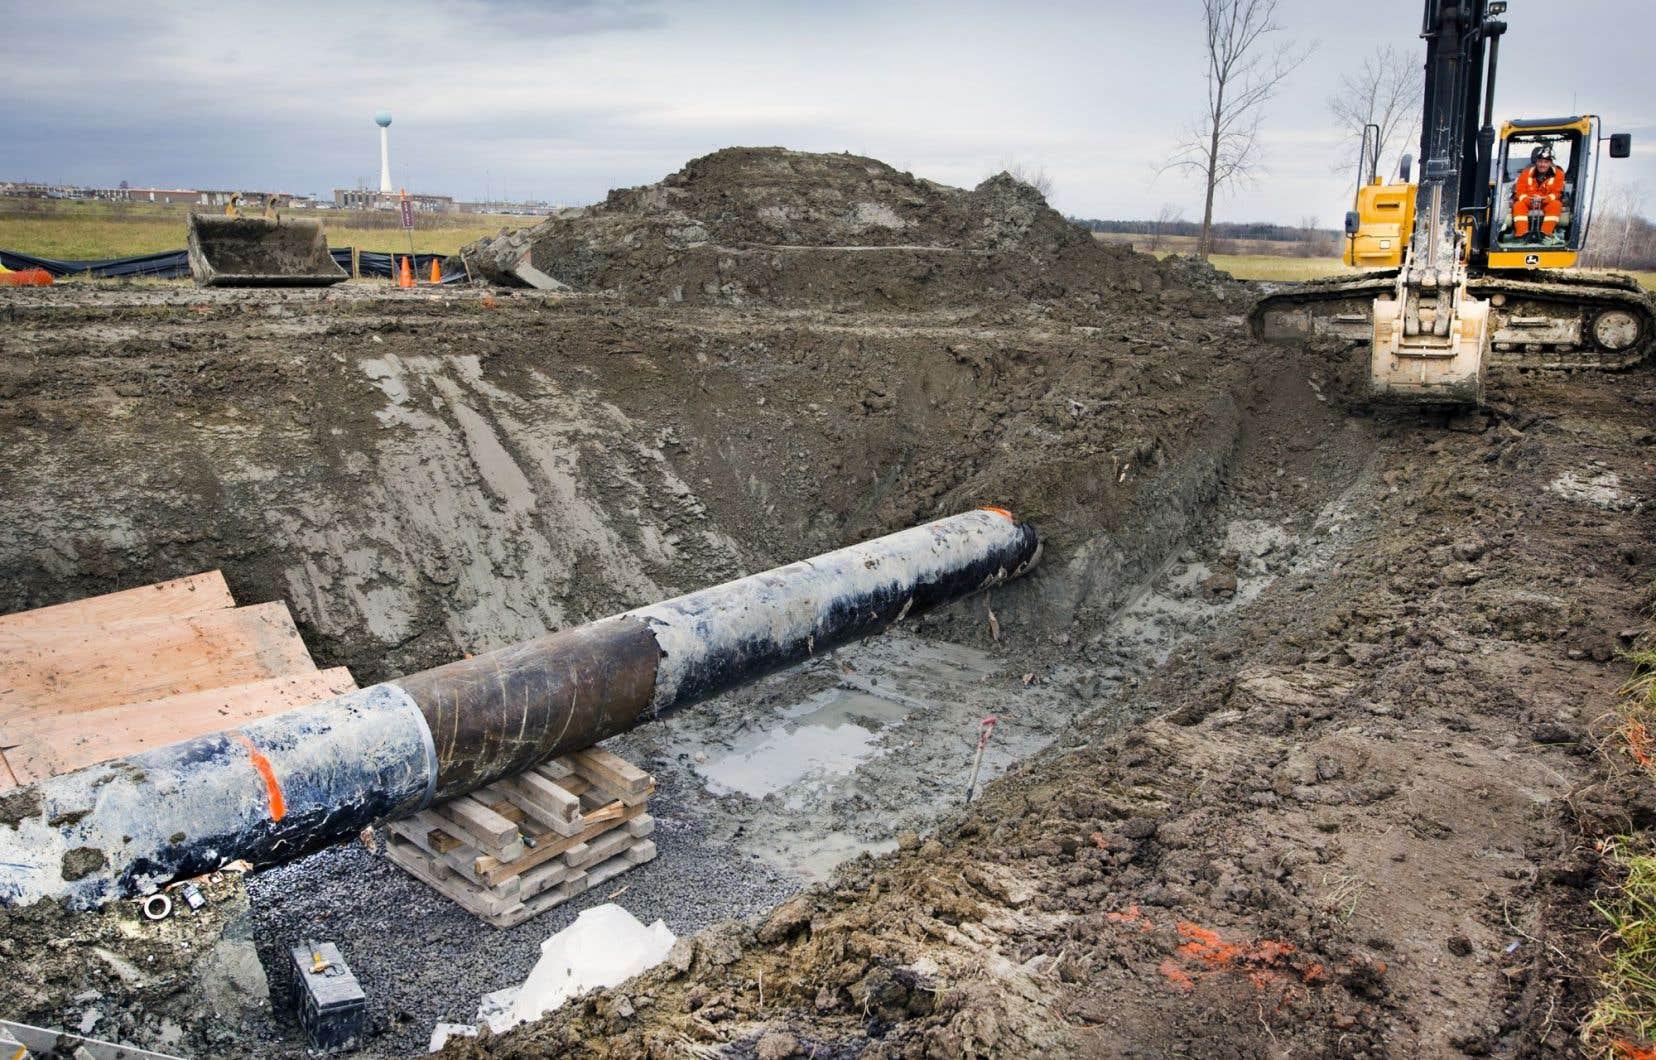 «Le Devoir» révélait lundi que la pétrolière Enbridge avait mené des travaux sur son pipeline à 63 reprises depuis décembre 2015, soit depuis qu'il sert à acheminer du brut vers Montréal.